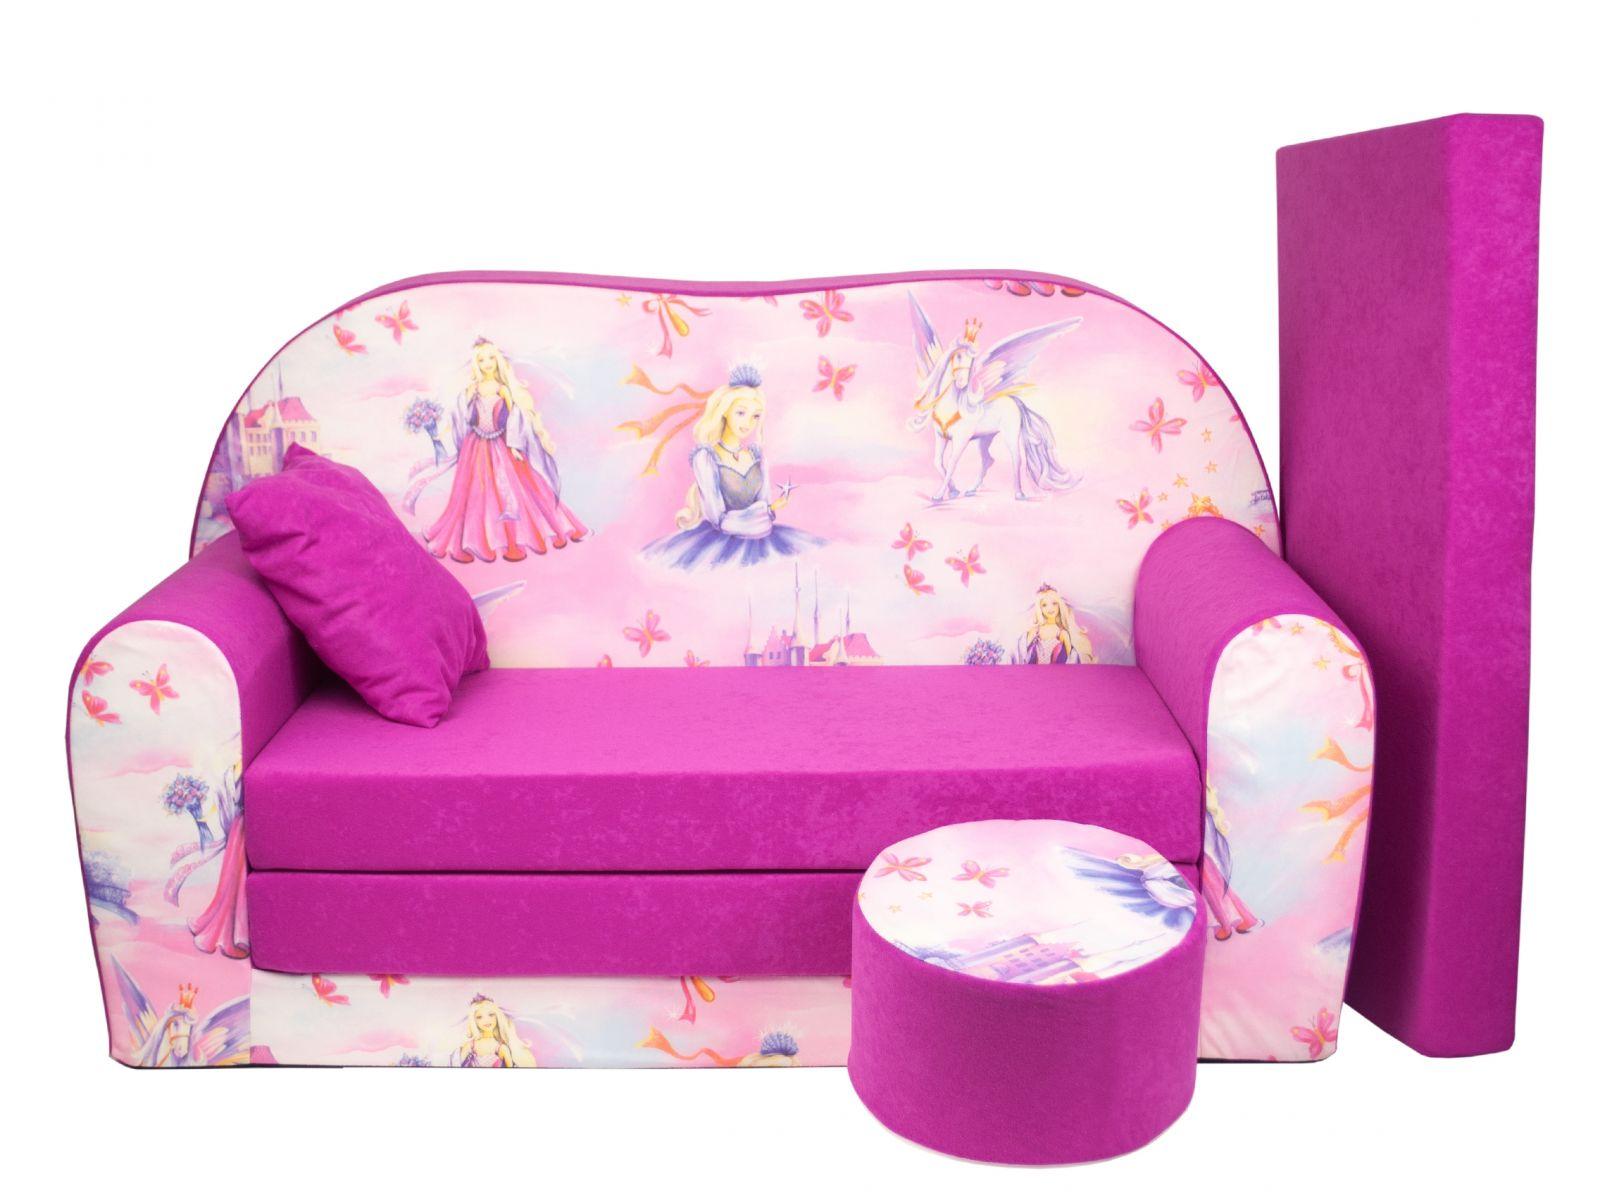 Fimex Dětská rozkládací pohovka + taburet Princezna růžová